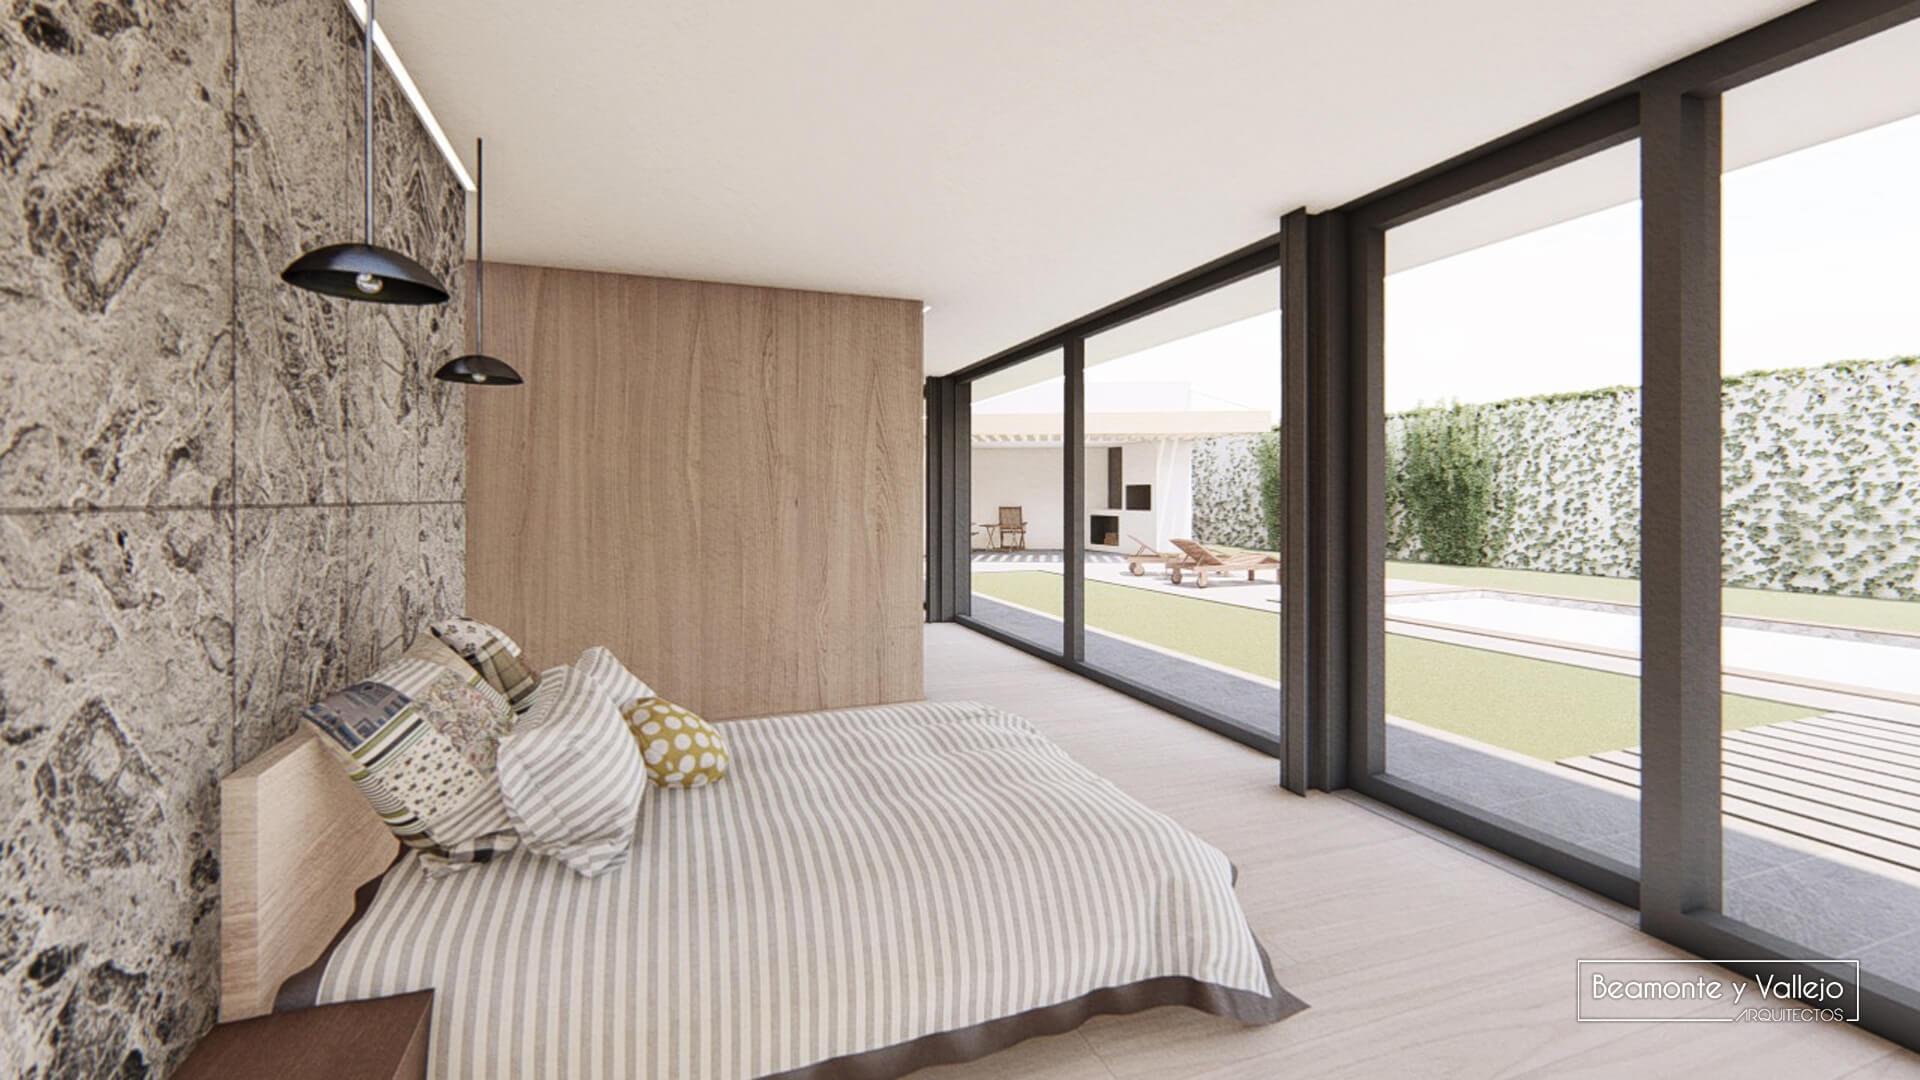 Beamonte y Vallejo arquitectos - Passivhaus Las Lomas 1 - 13